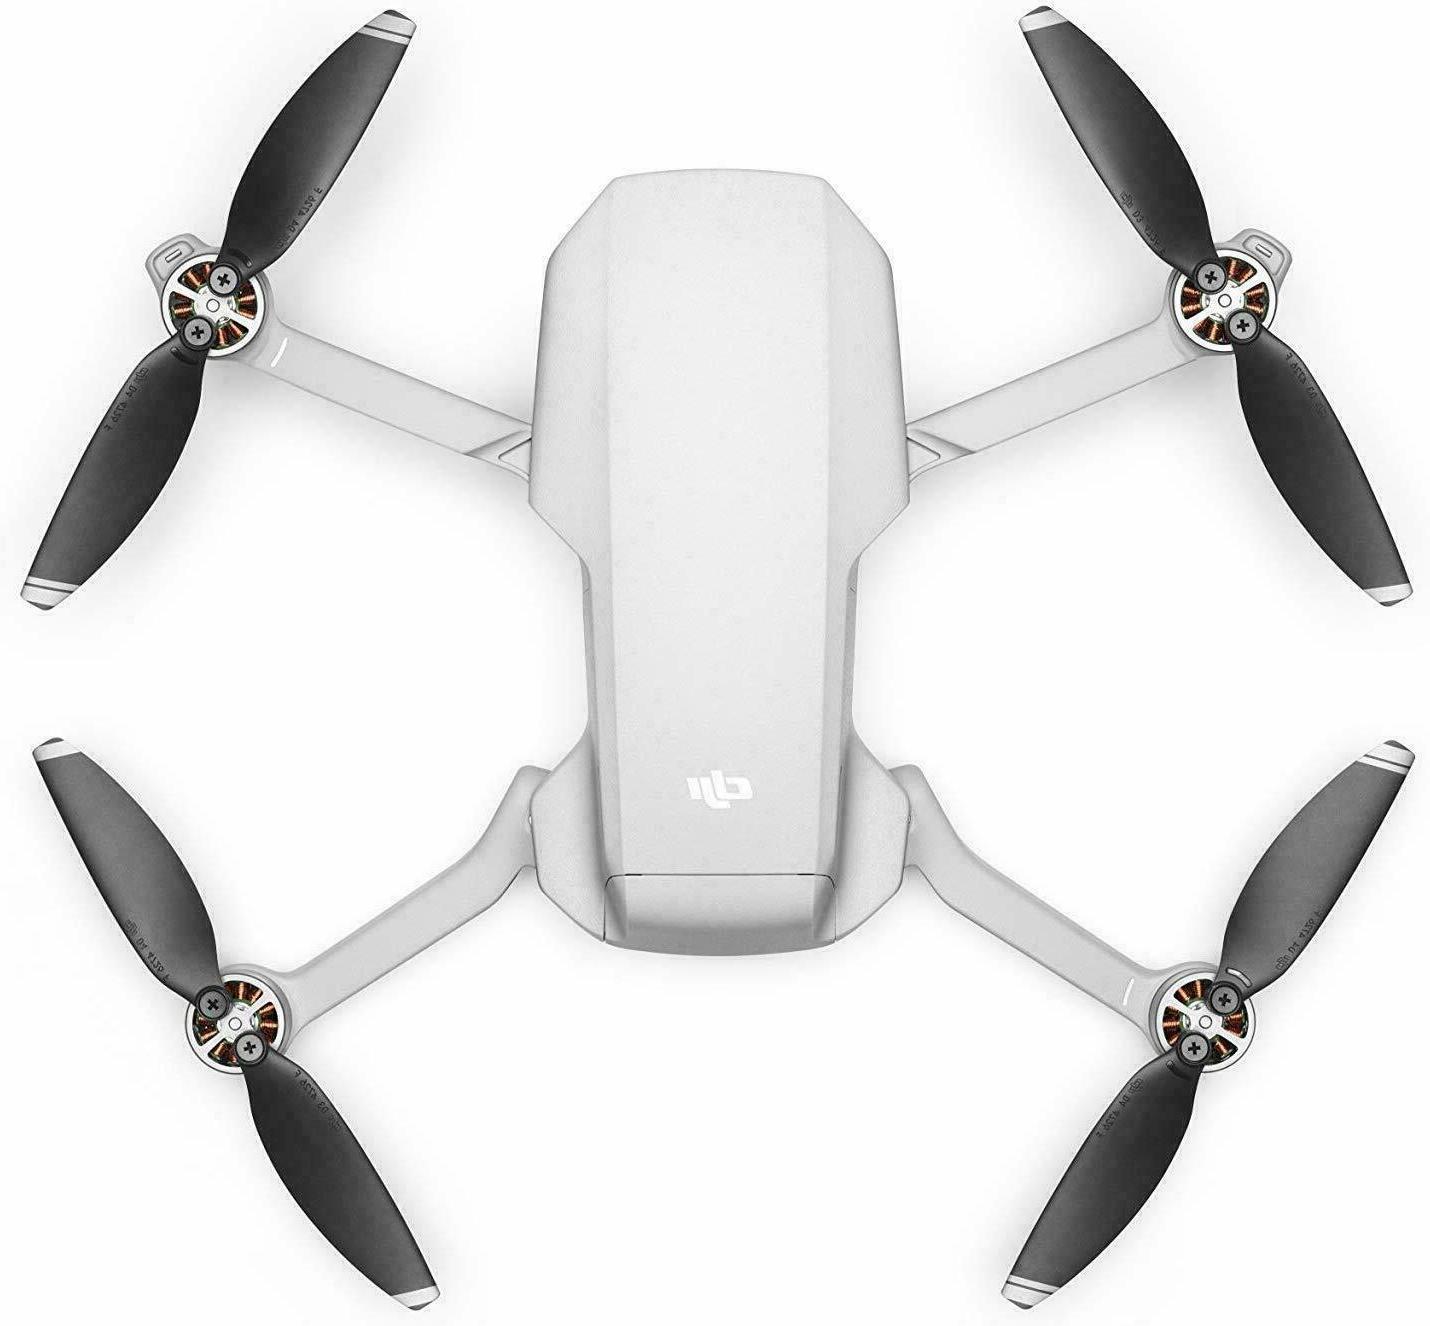 DJI Mavic Fly More with 2.7K Camera Minute